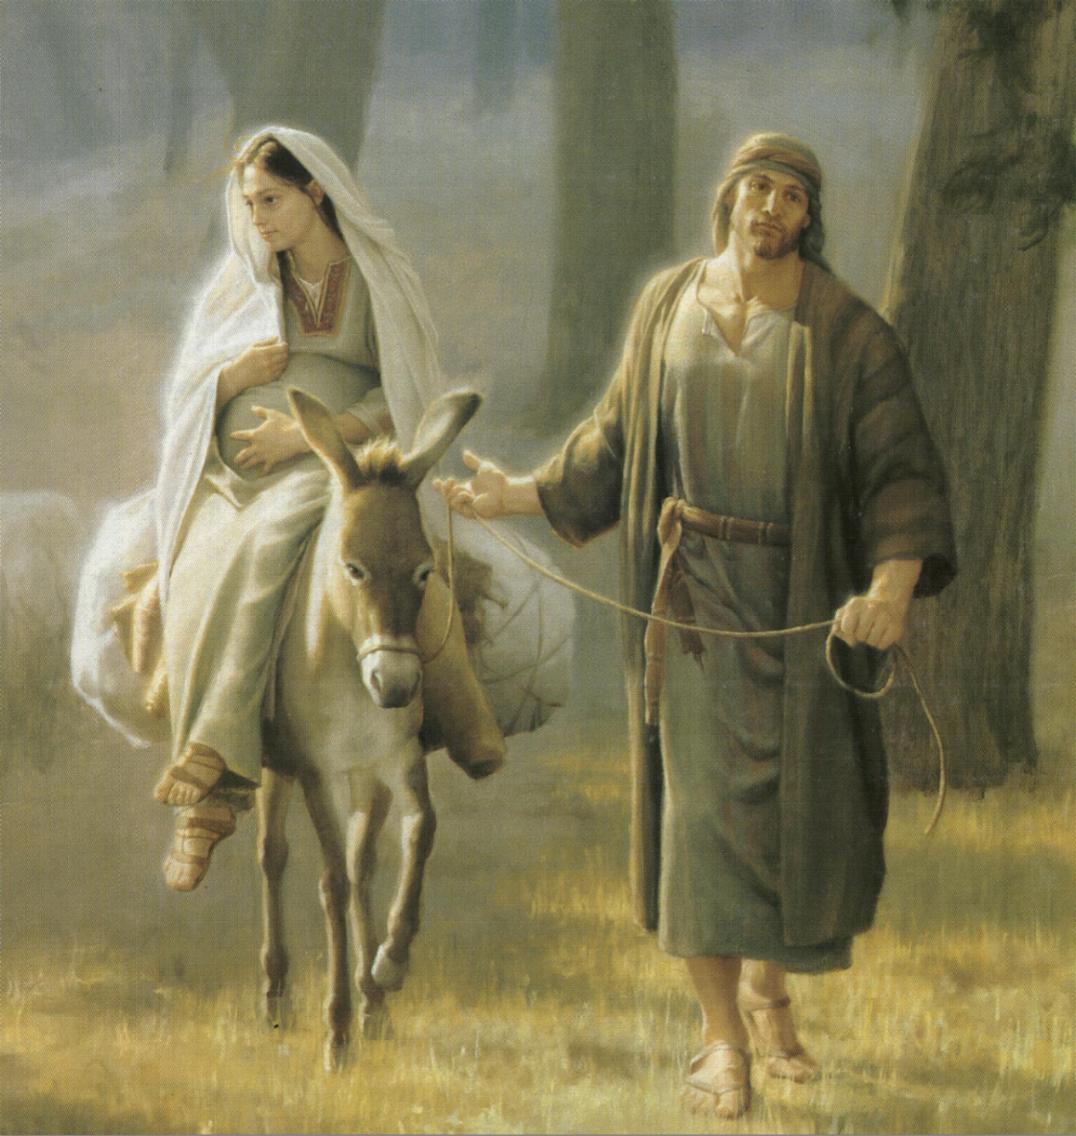 ... jose recibio su mision de tomar por esposa a la madre de dios hizo lo